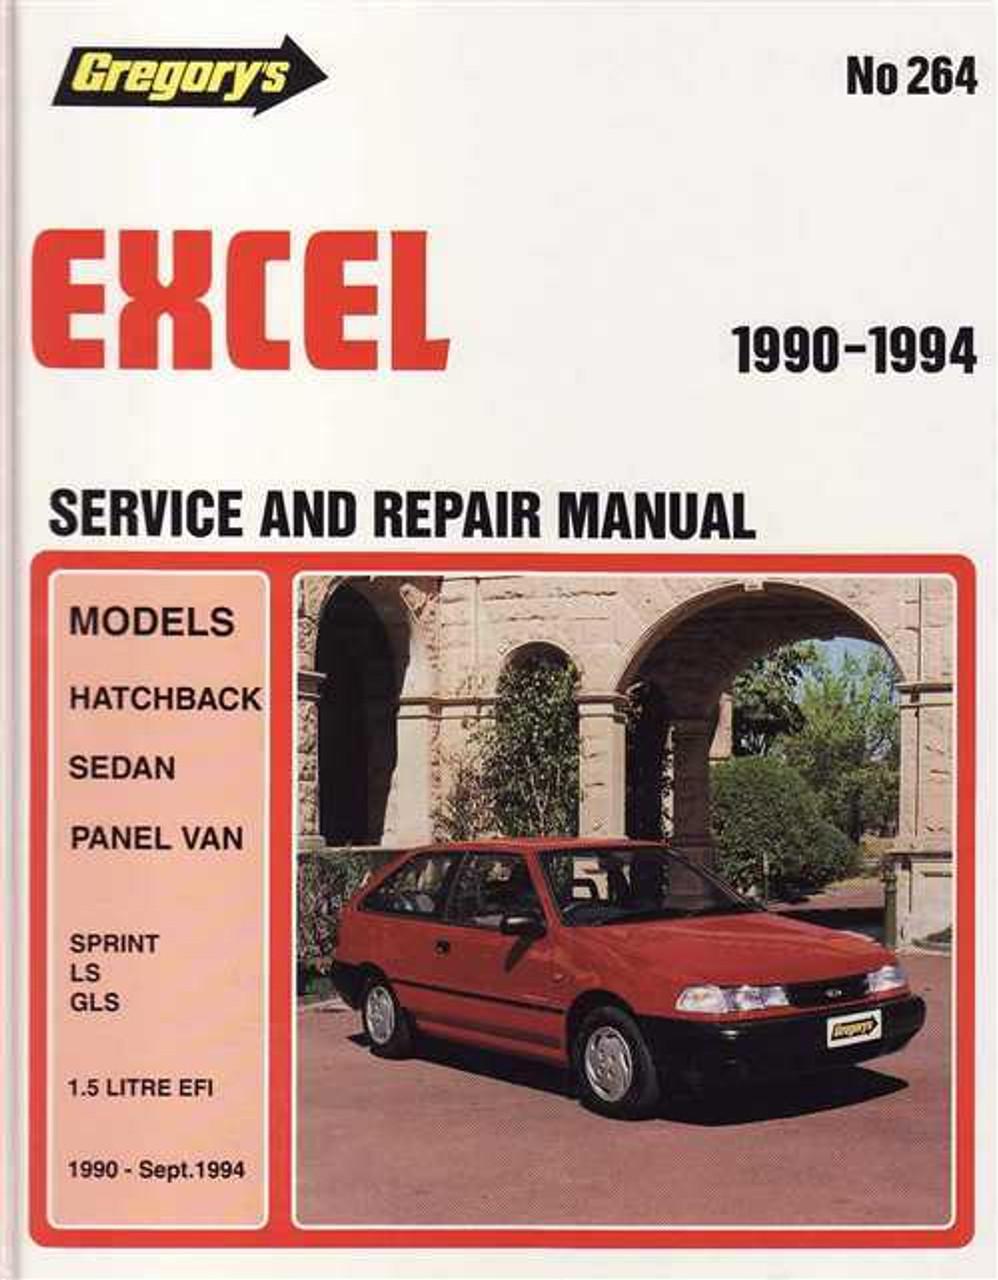 hyundai excel 1990 1994 workshop manual rh automotobookshop com au Hyundai Excel Hatchback Hyundai Excel Hatchback